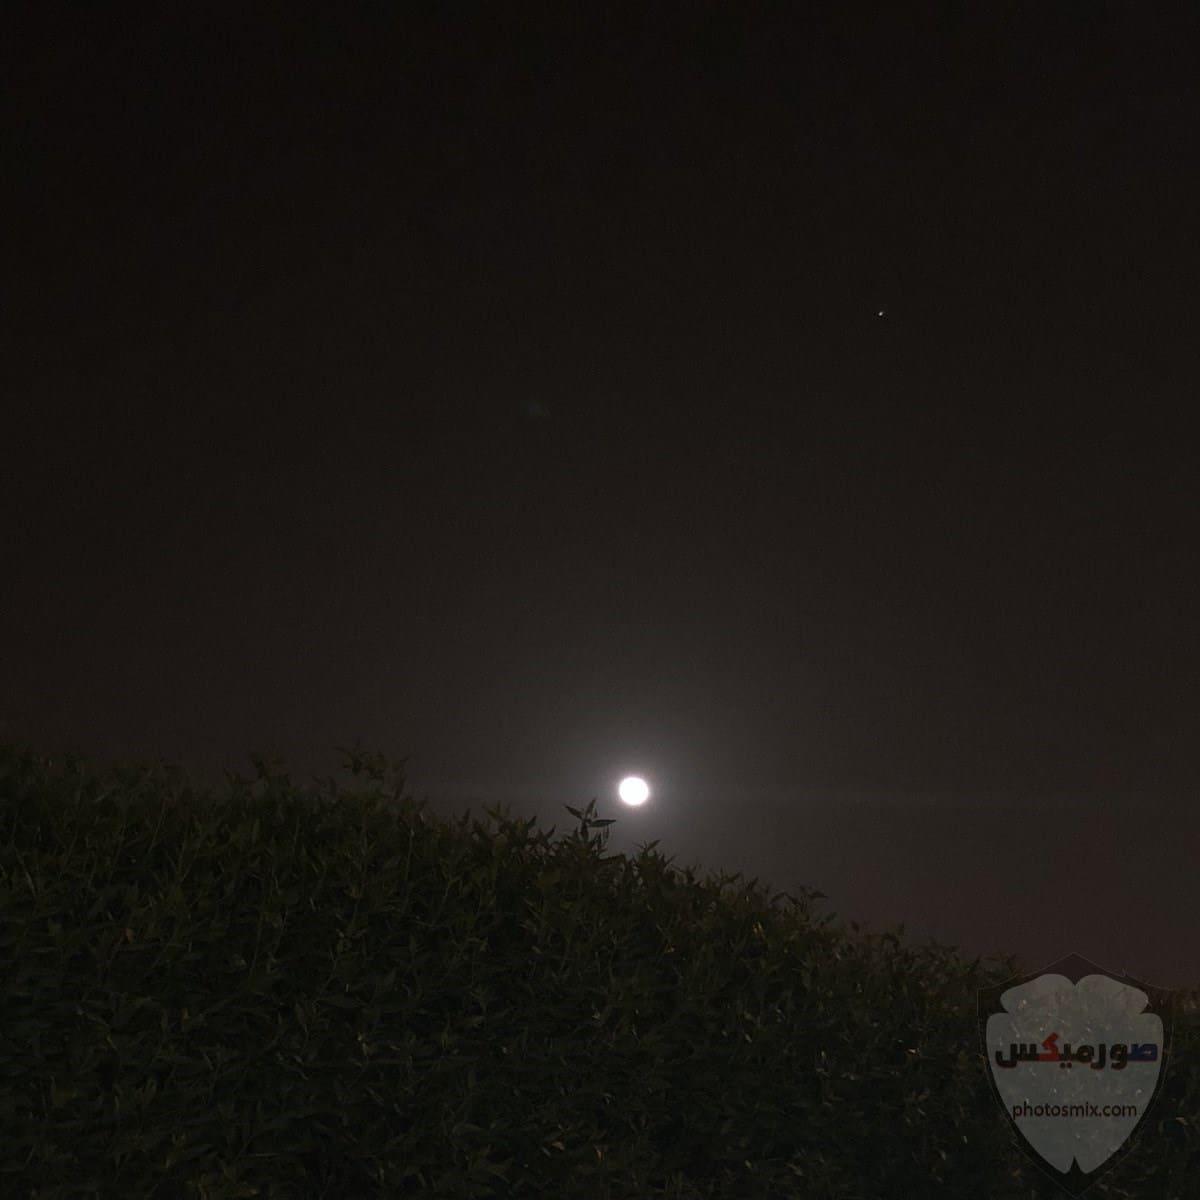 خلفيات قمر وبحر خلفيات القمر والنجوم خلفيات قمر للايفون 8